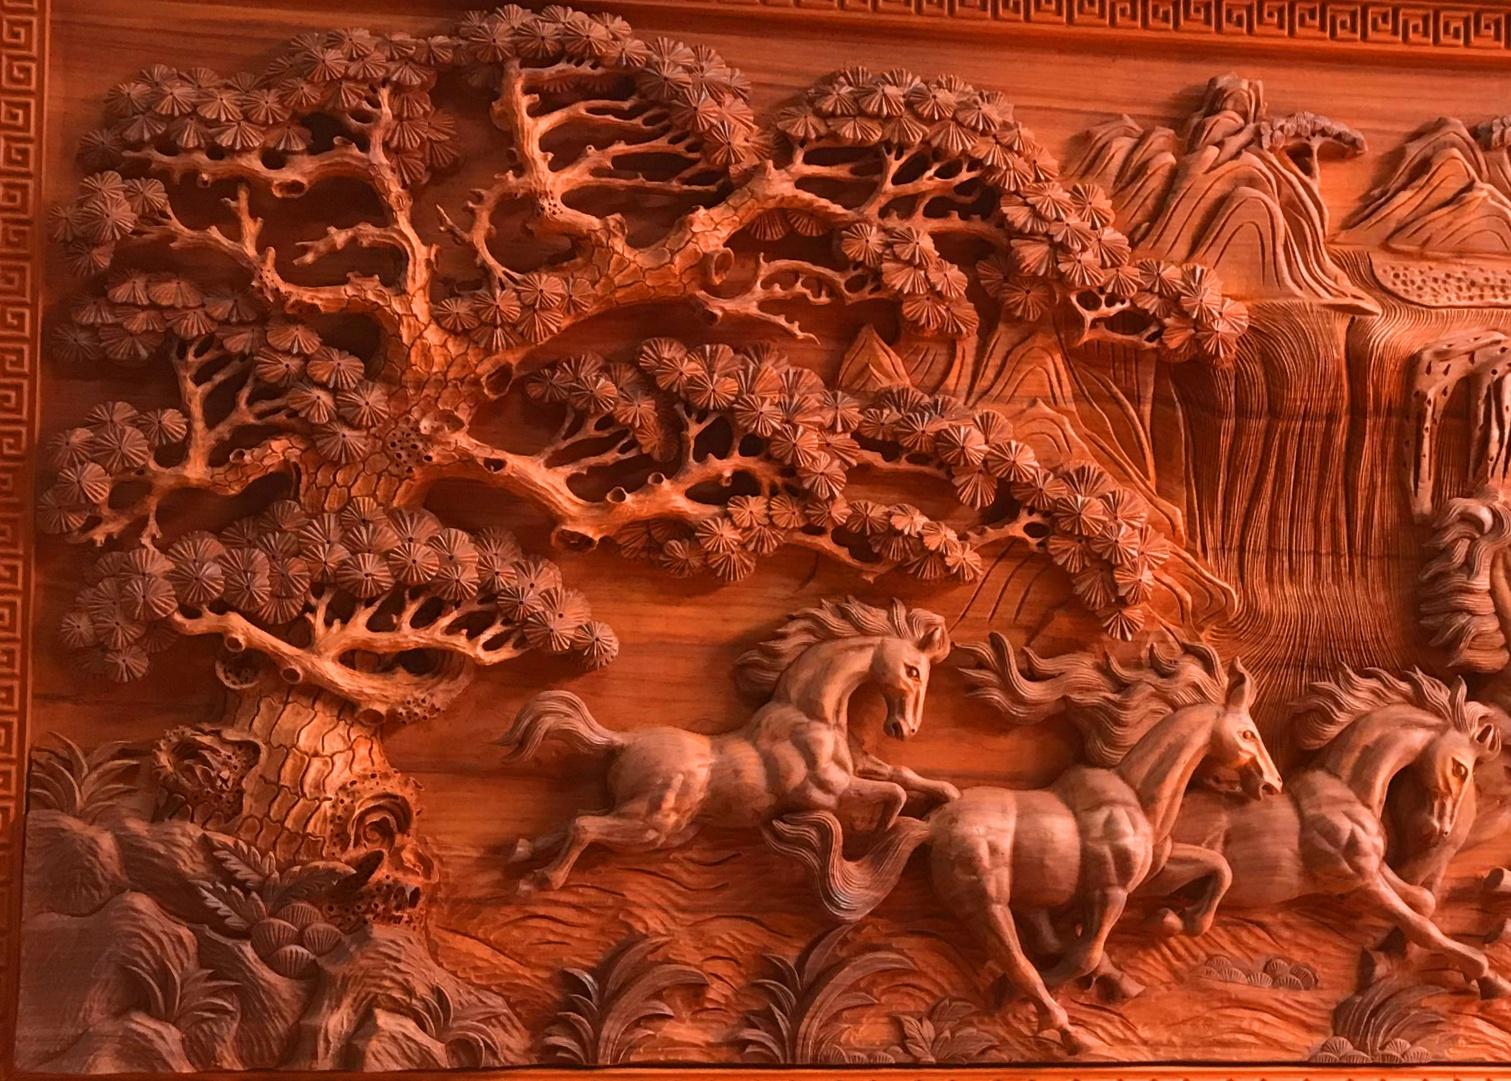 Tranh Gỗ Mã Đáo Thành Công - Tranh bát Mã khổ lớn là bức tranh đẹp của Khamtrai.com về một bầy ngựa thường gồm tám chú ngựa đang phi nước đại tiến .